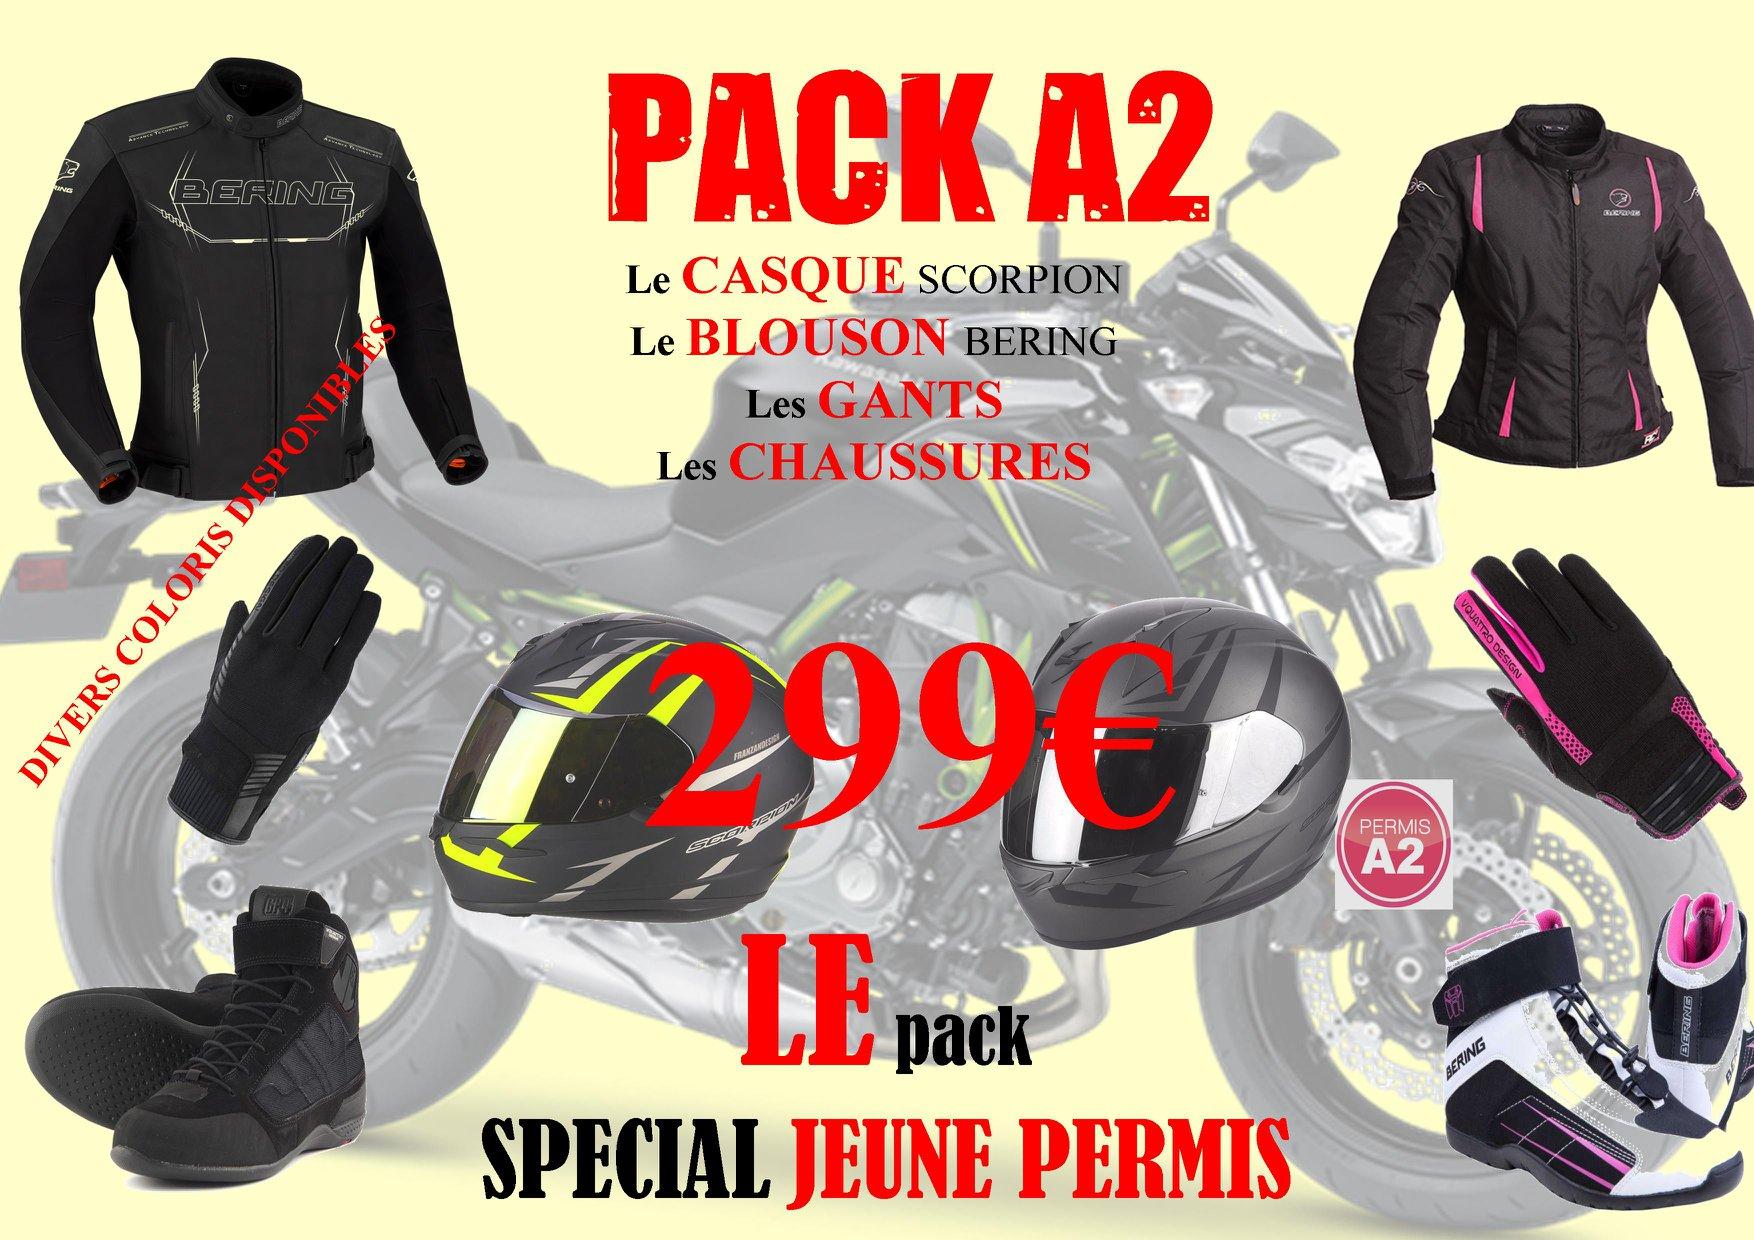 Concessionnaire Xtrem Moto Millau Aveyron